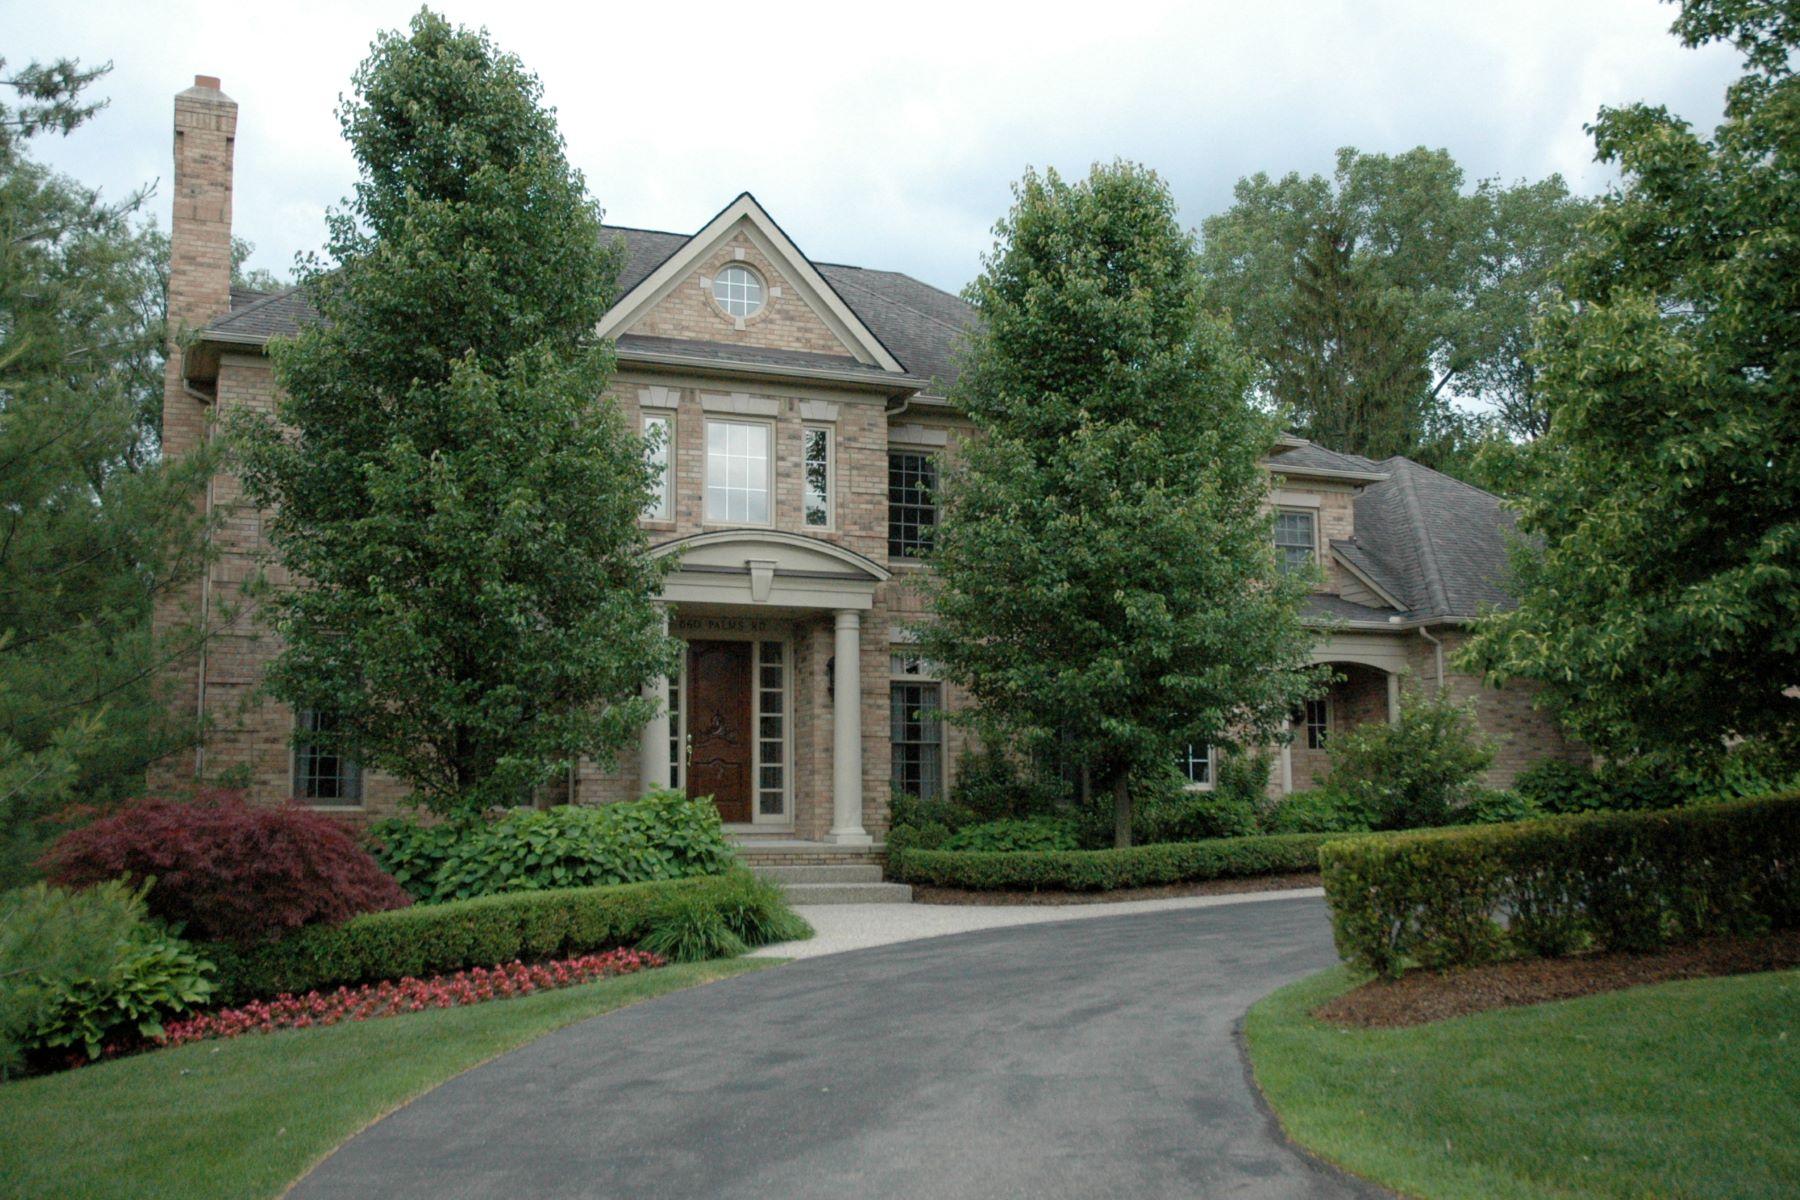 Maison unifamiliale pour l Vente à Bloonfield 860 Palms Bloomfield, Michigan, 48304 États-Unis